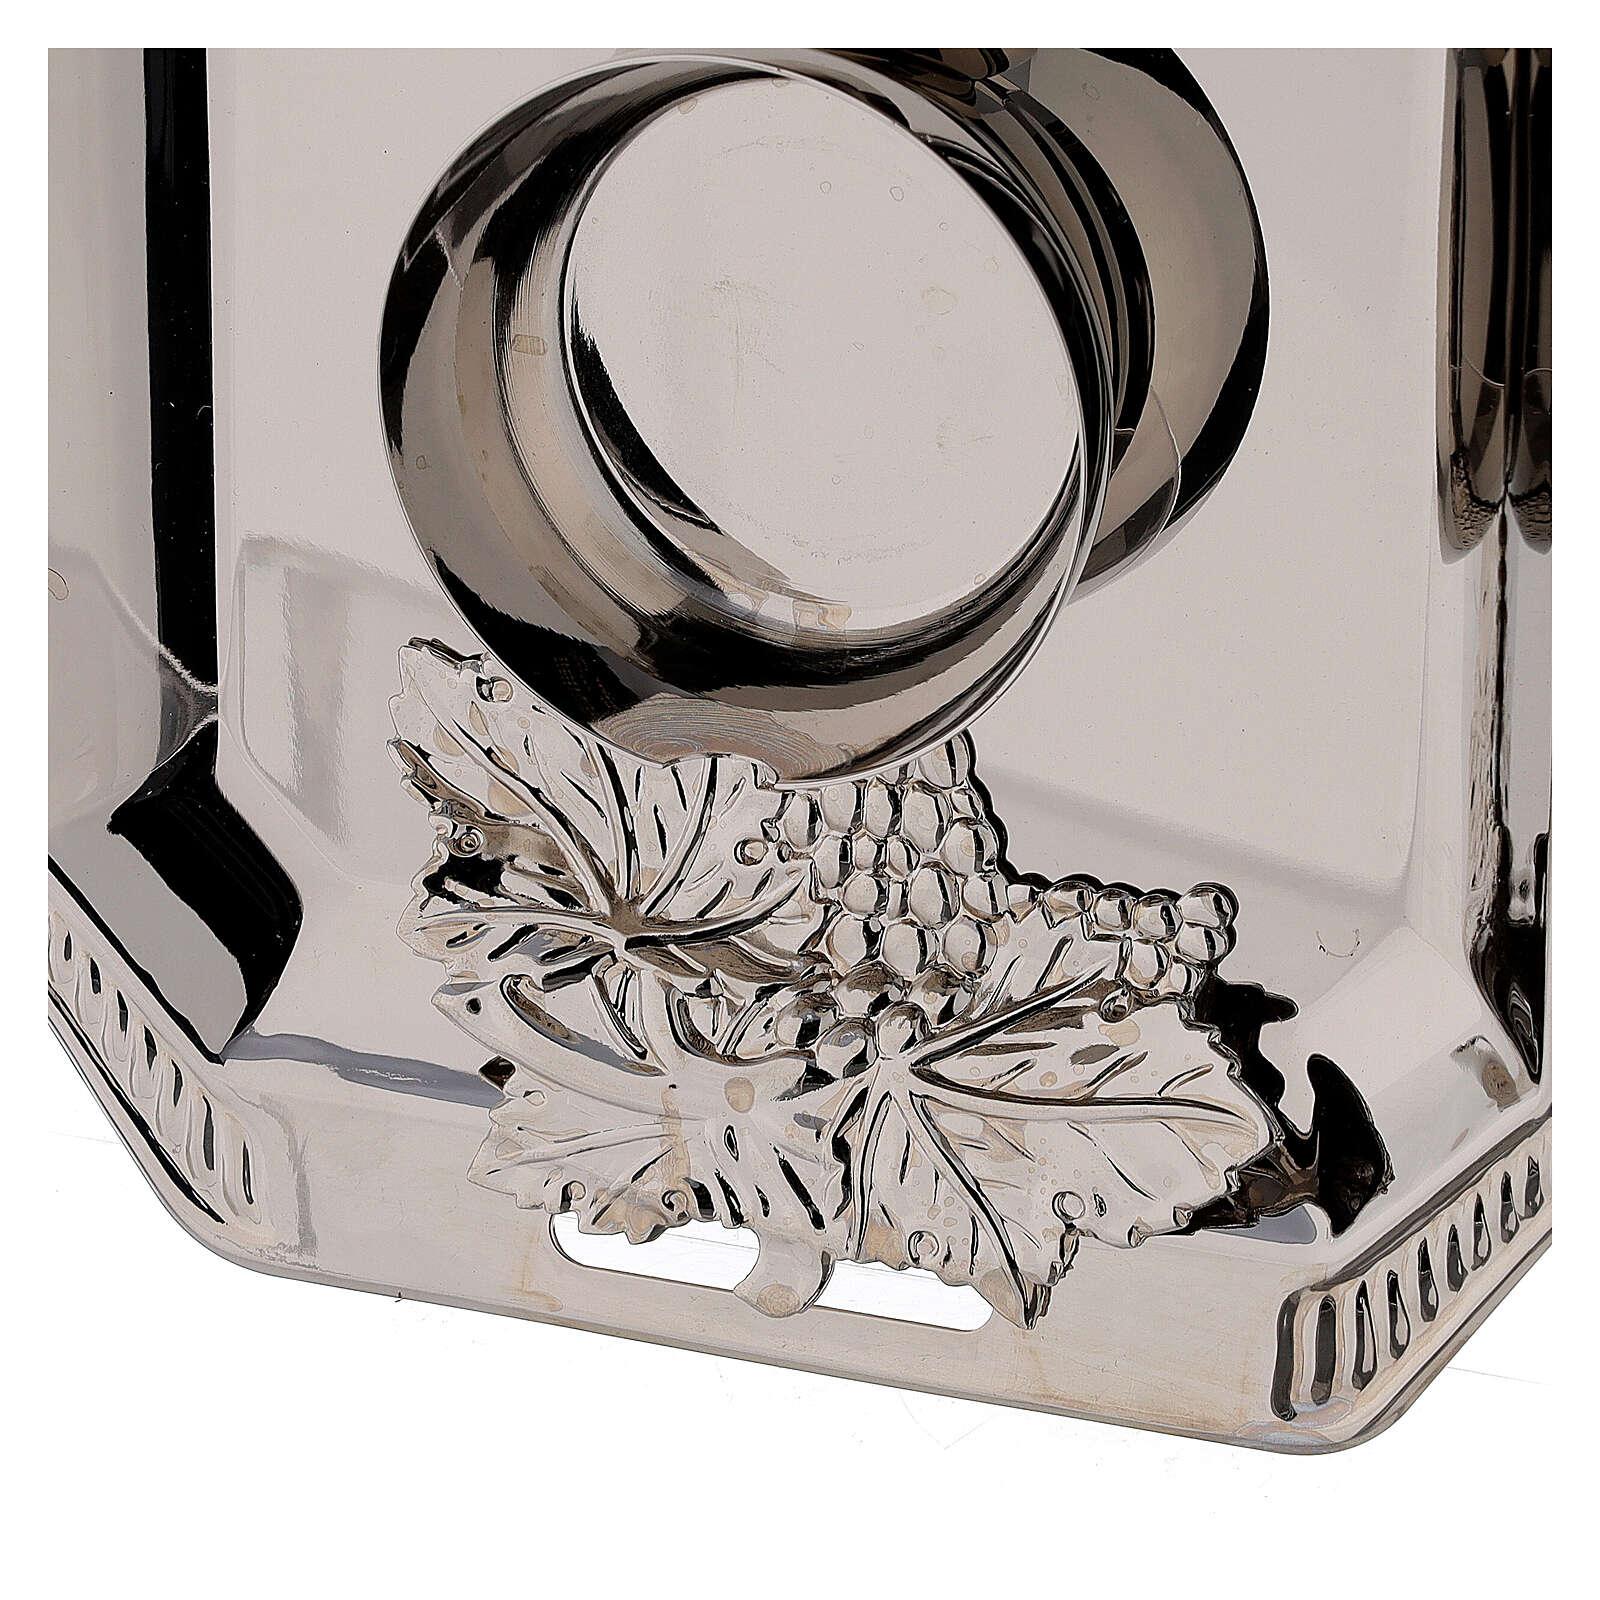 Ampolline vetro Como dipinte mano ml 160 vassoio ottone tono argentato  4